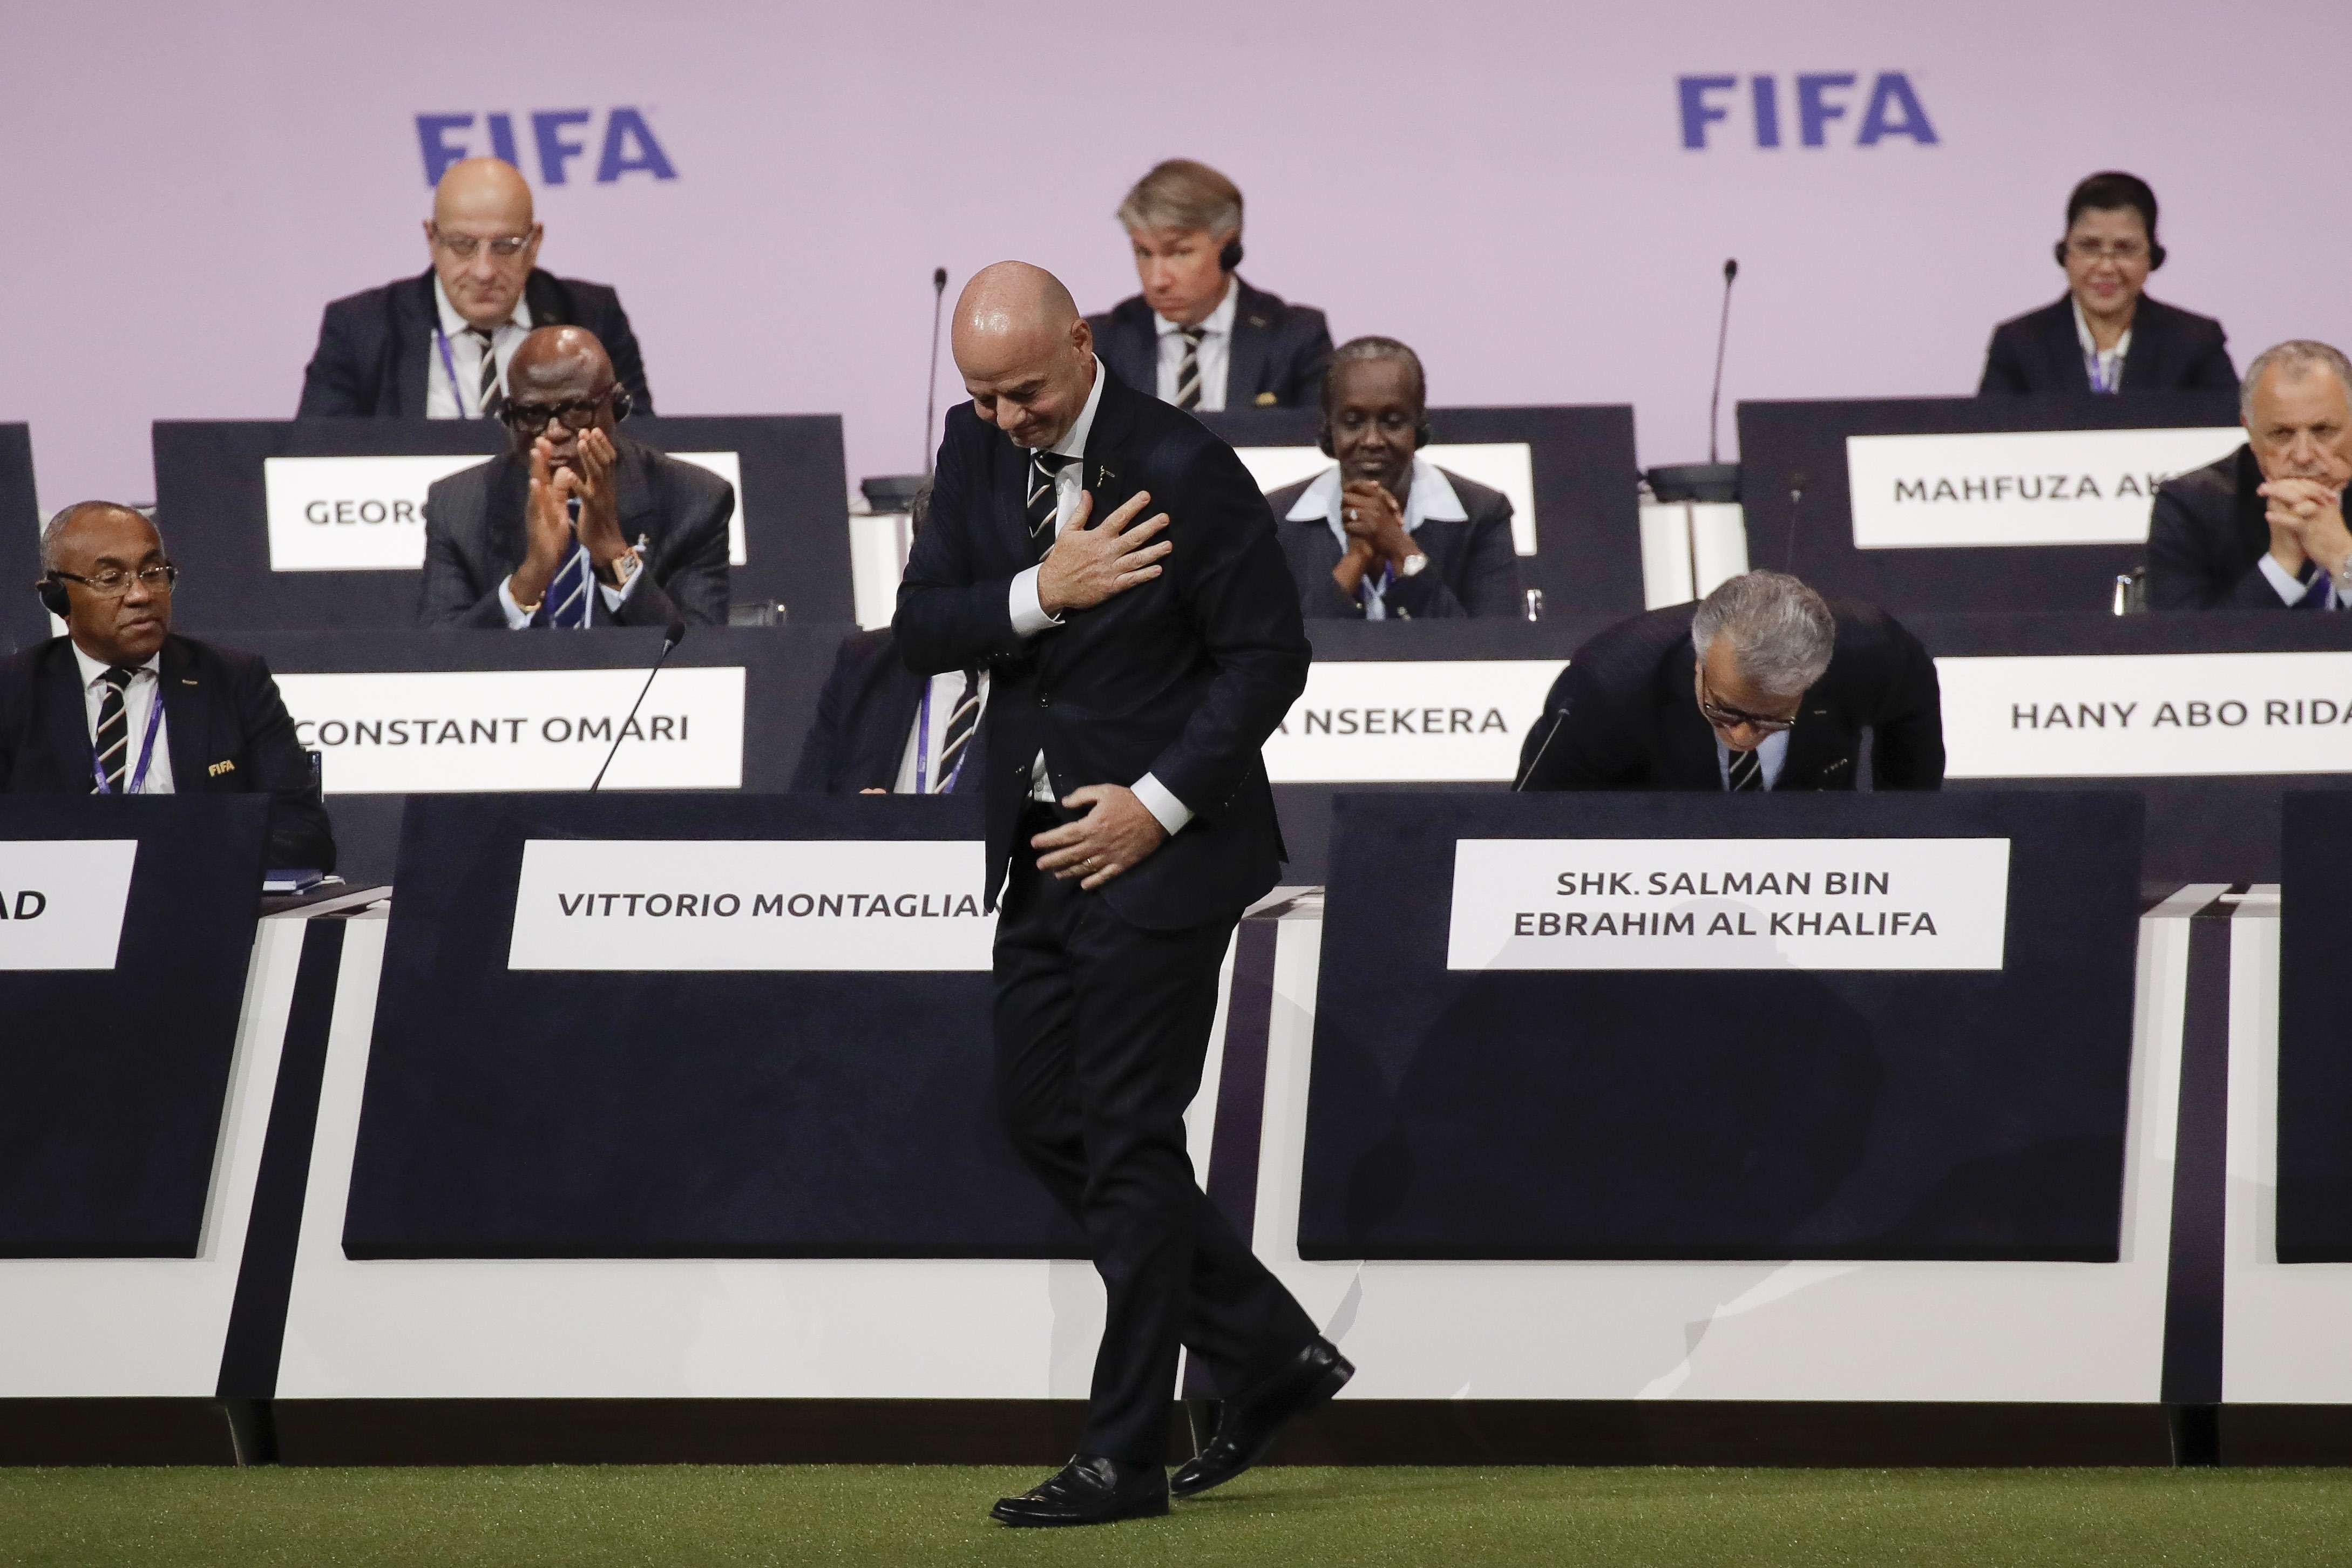 Ahmad Ahmad au premier rang (à l'extrême gauche) lors de la réélection de Gianni Infantino à la tête de la Fifa, mercredi 5 juin à Paris.